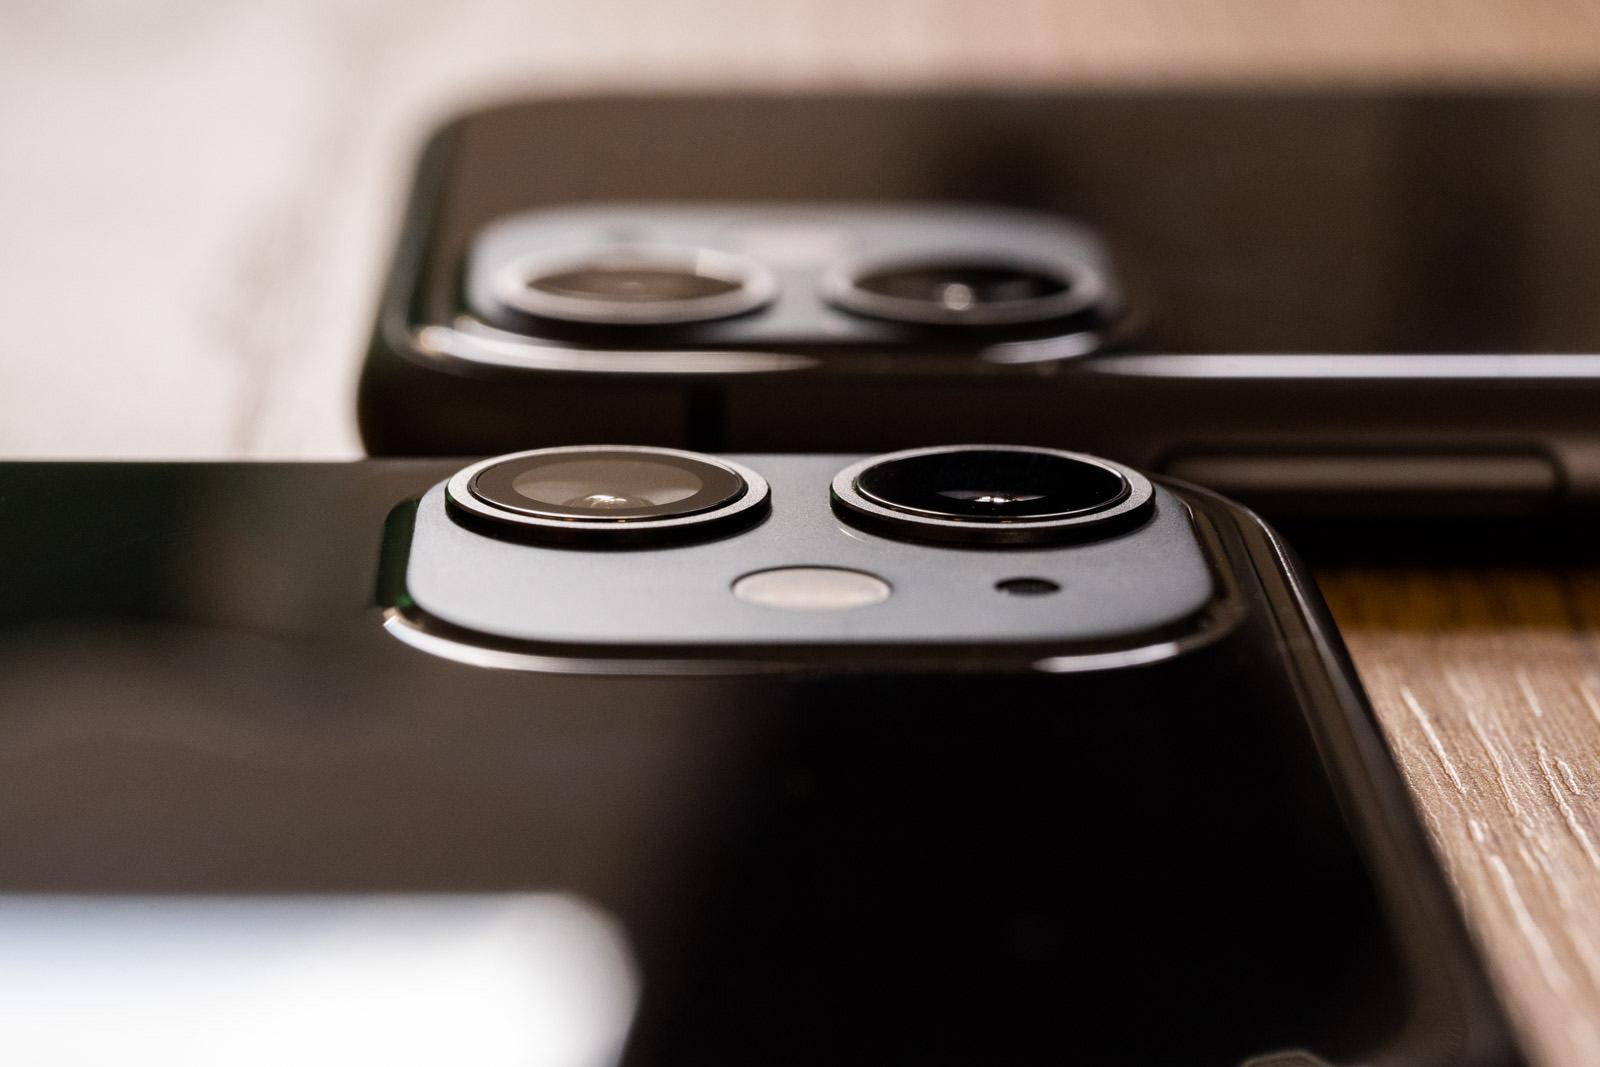 iPhone 2020-k kamera matrikoa egonkortzeko modukoa izan dezake.  Zertan datza hau?